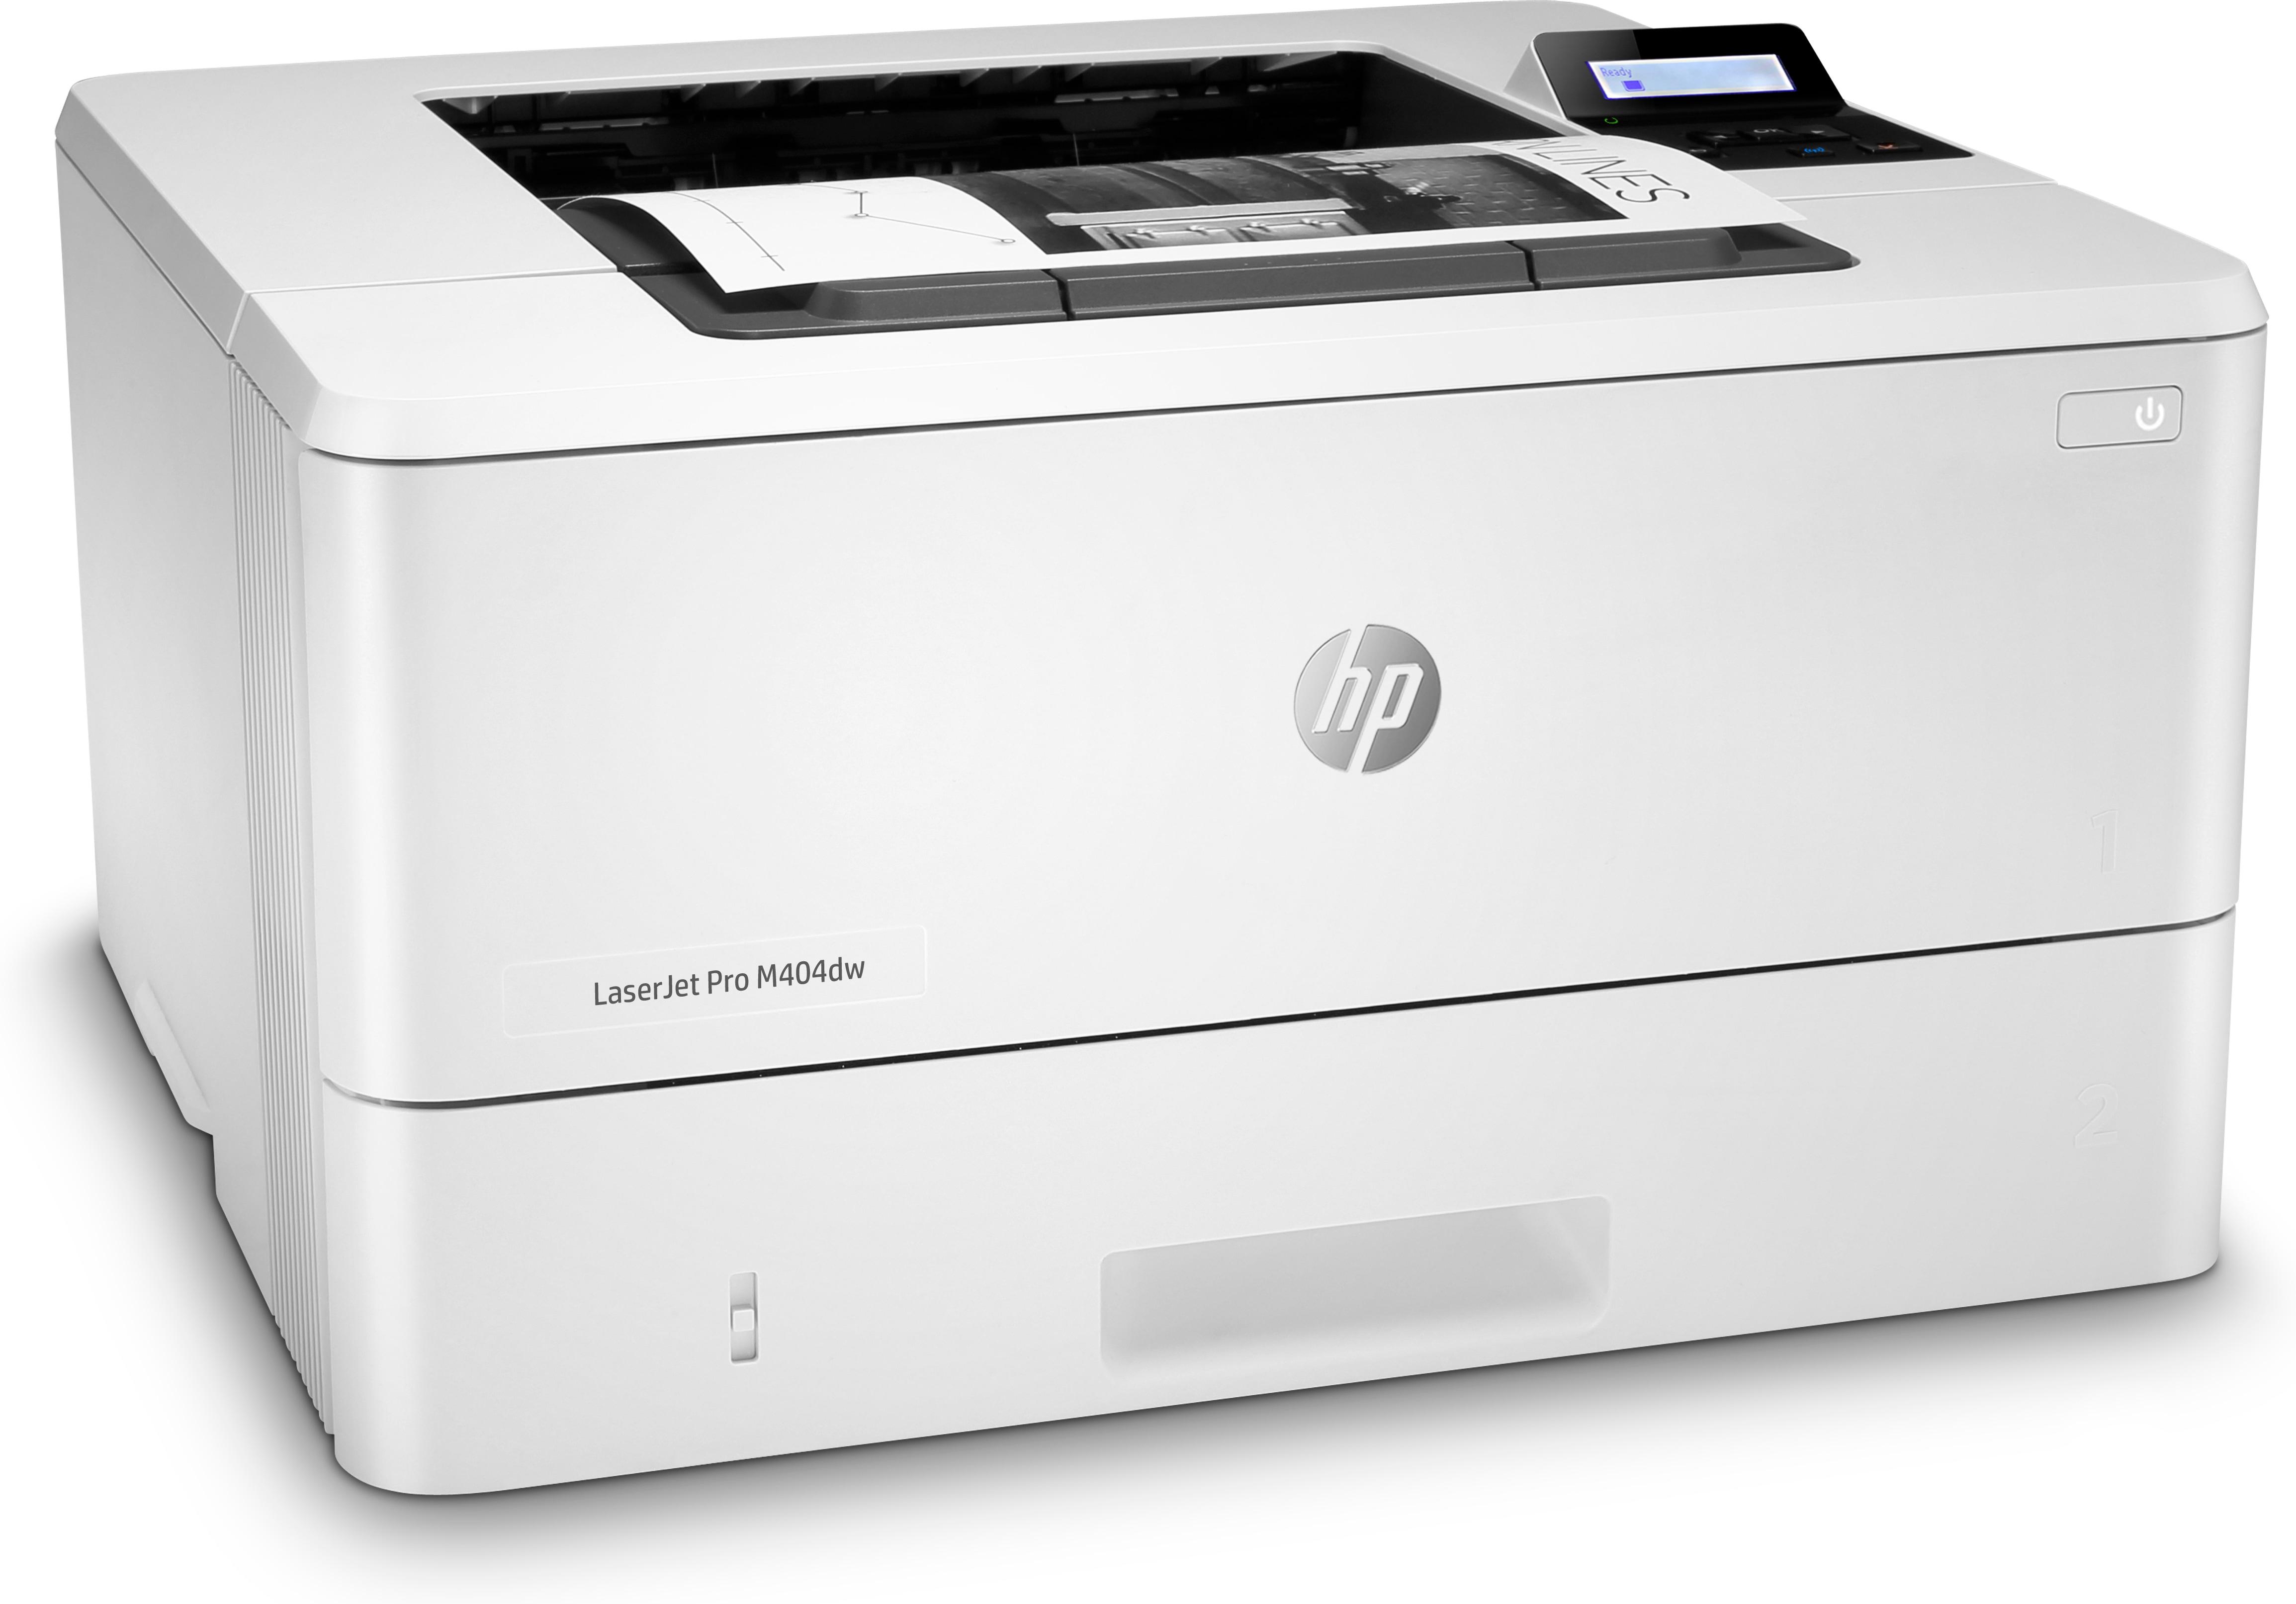 HP Stampante LaserJet Pro M404dw